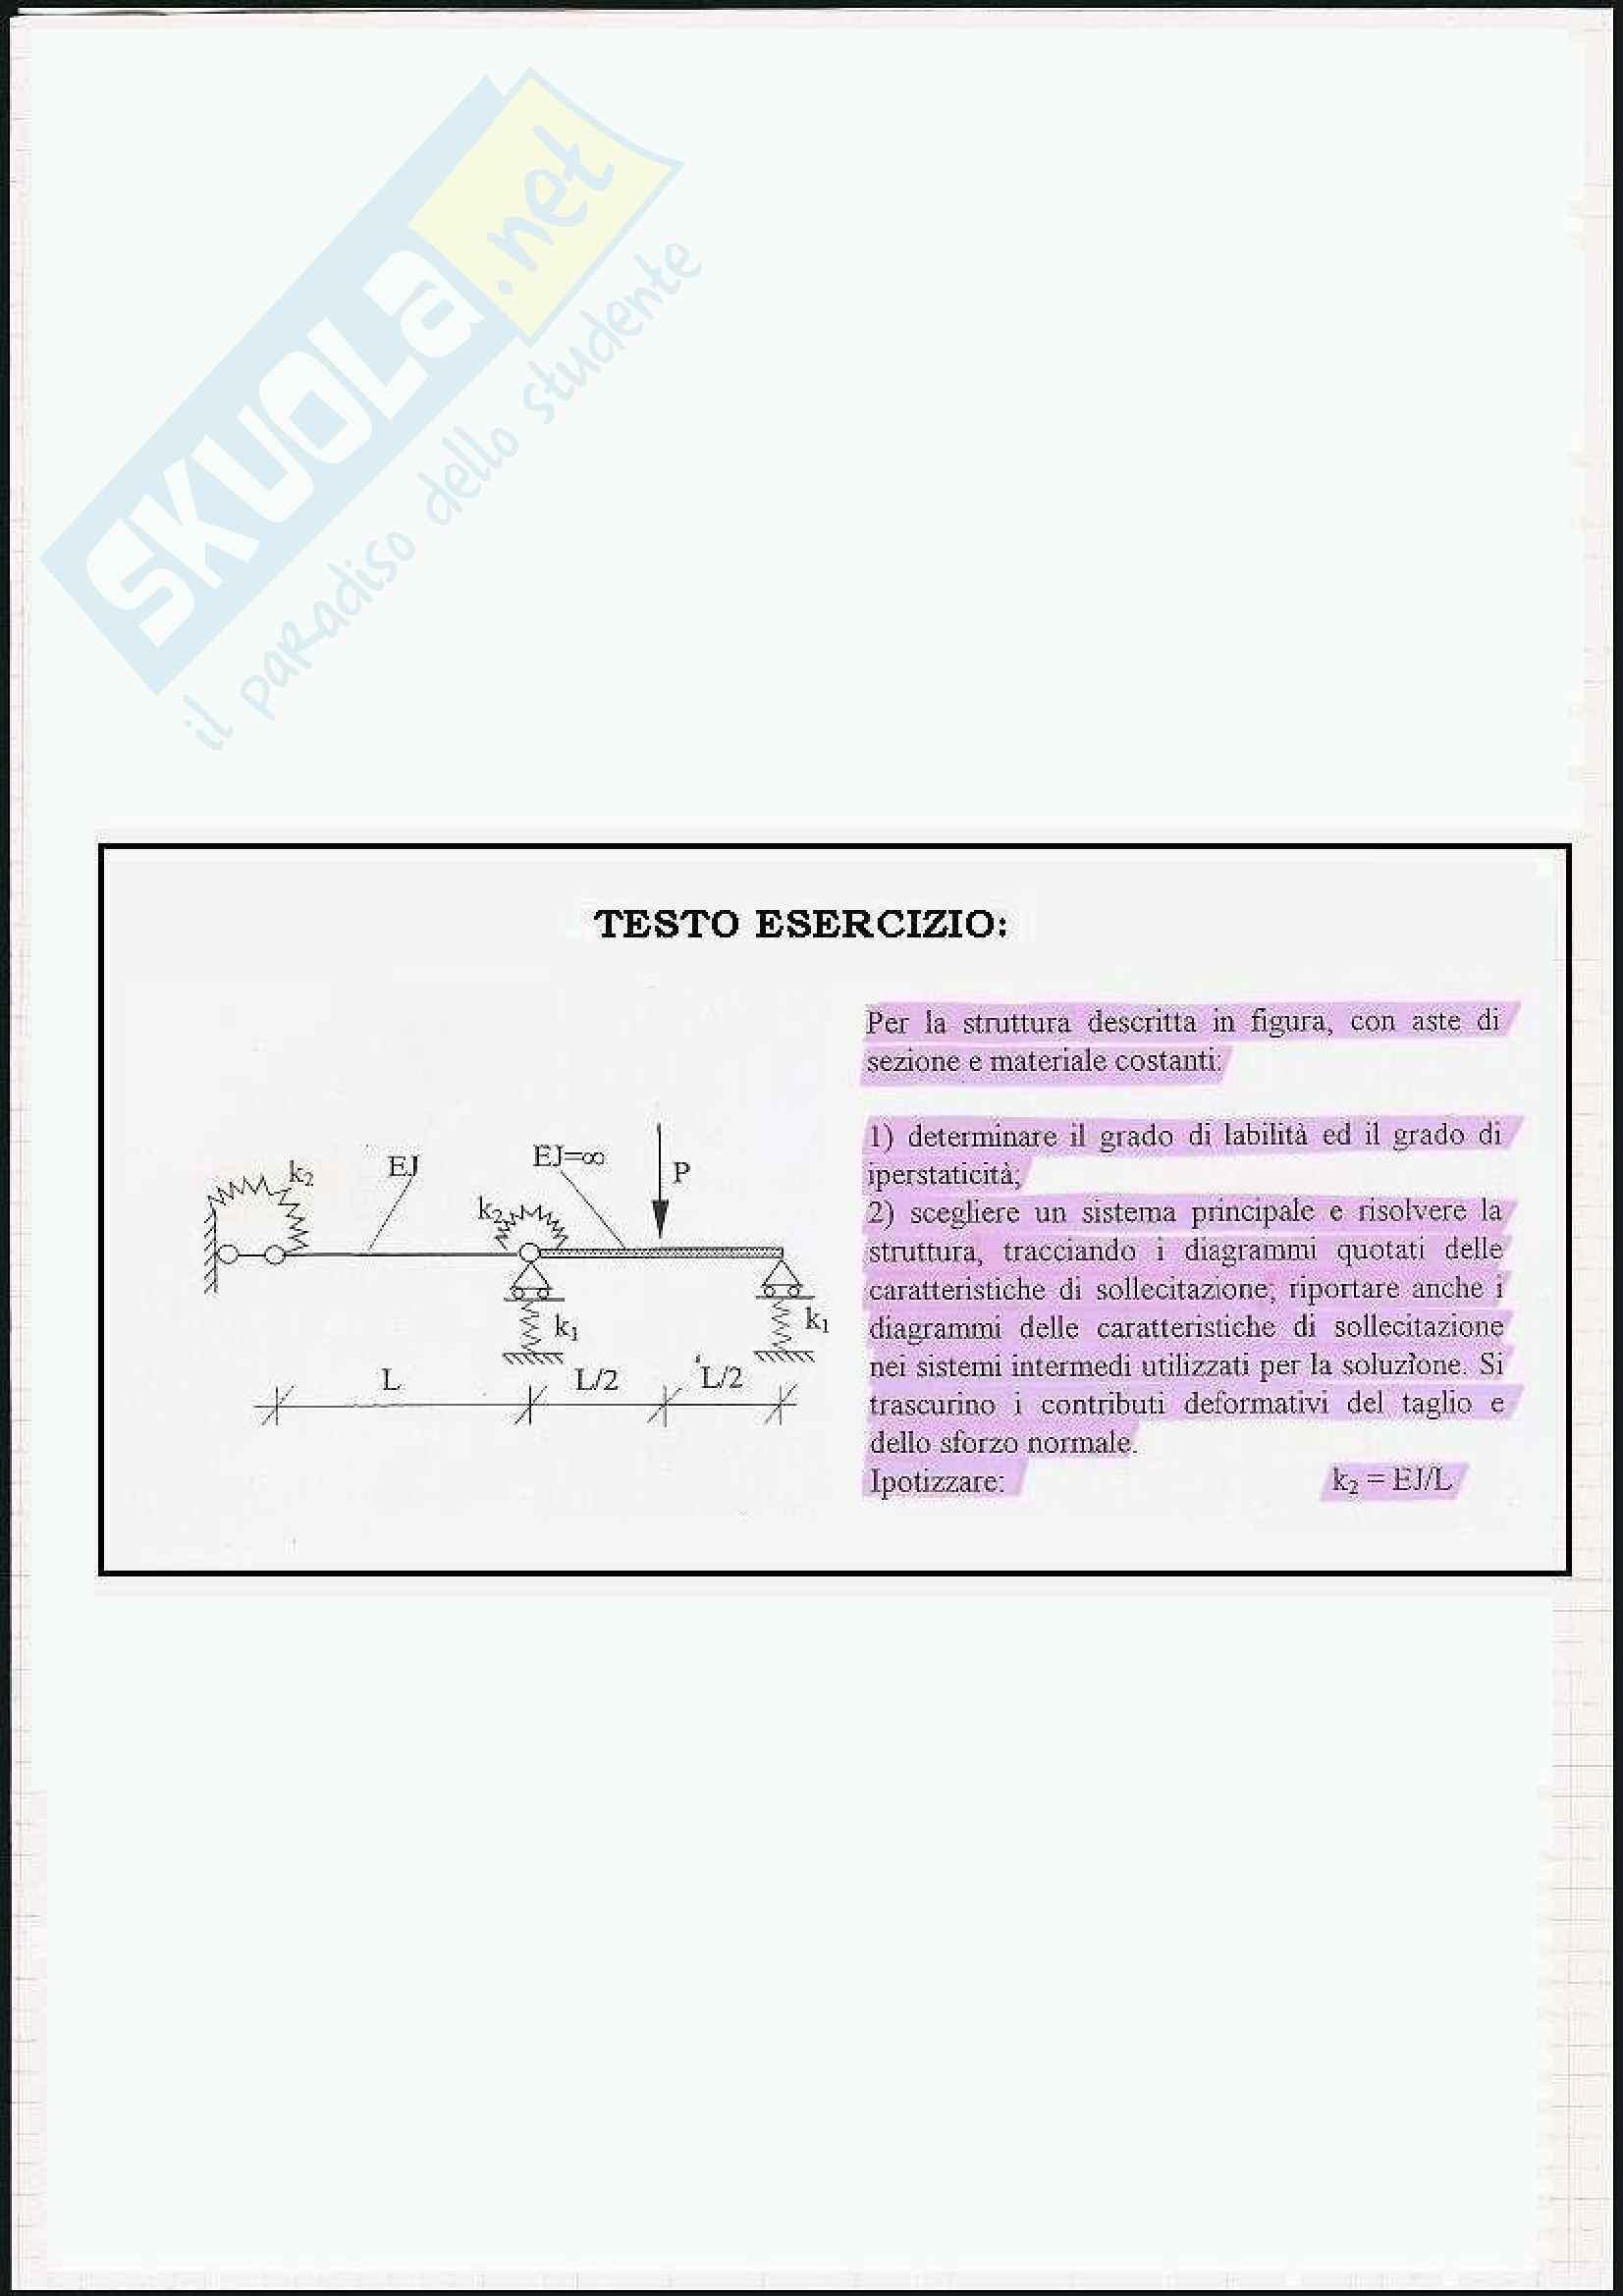 Scienza delle costruzioni - Esercizi sul metodo di congruenza